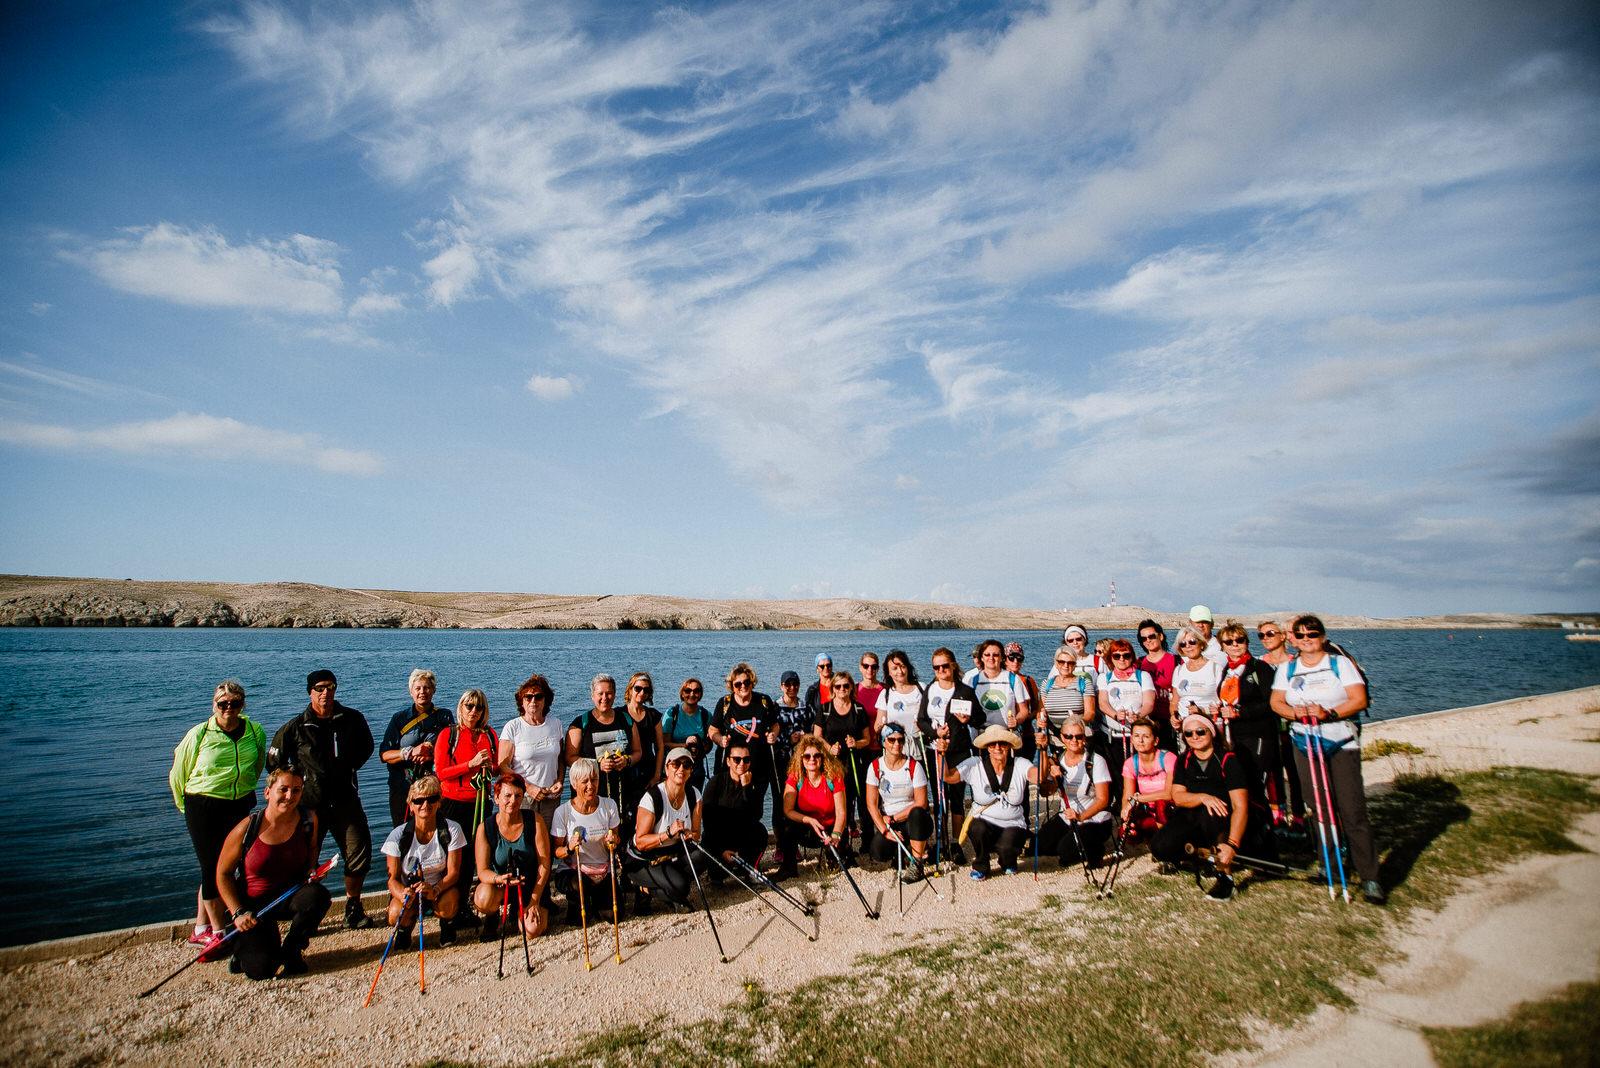 likaclub_nordijsko-hodanje-mjesečevim-otokom_pag-2019-21